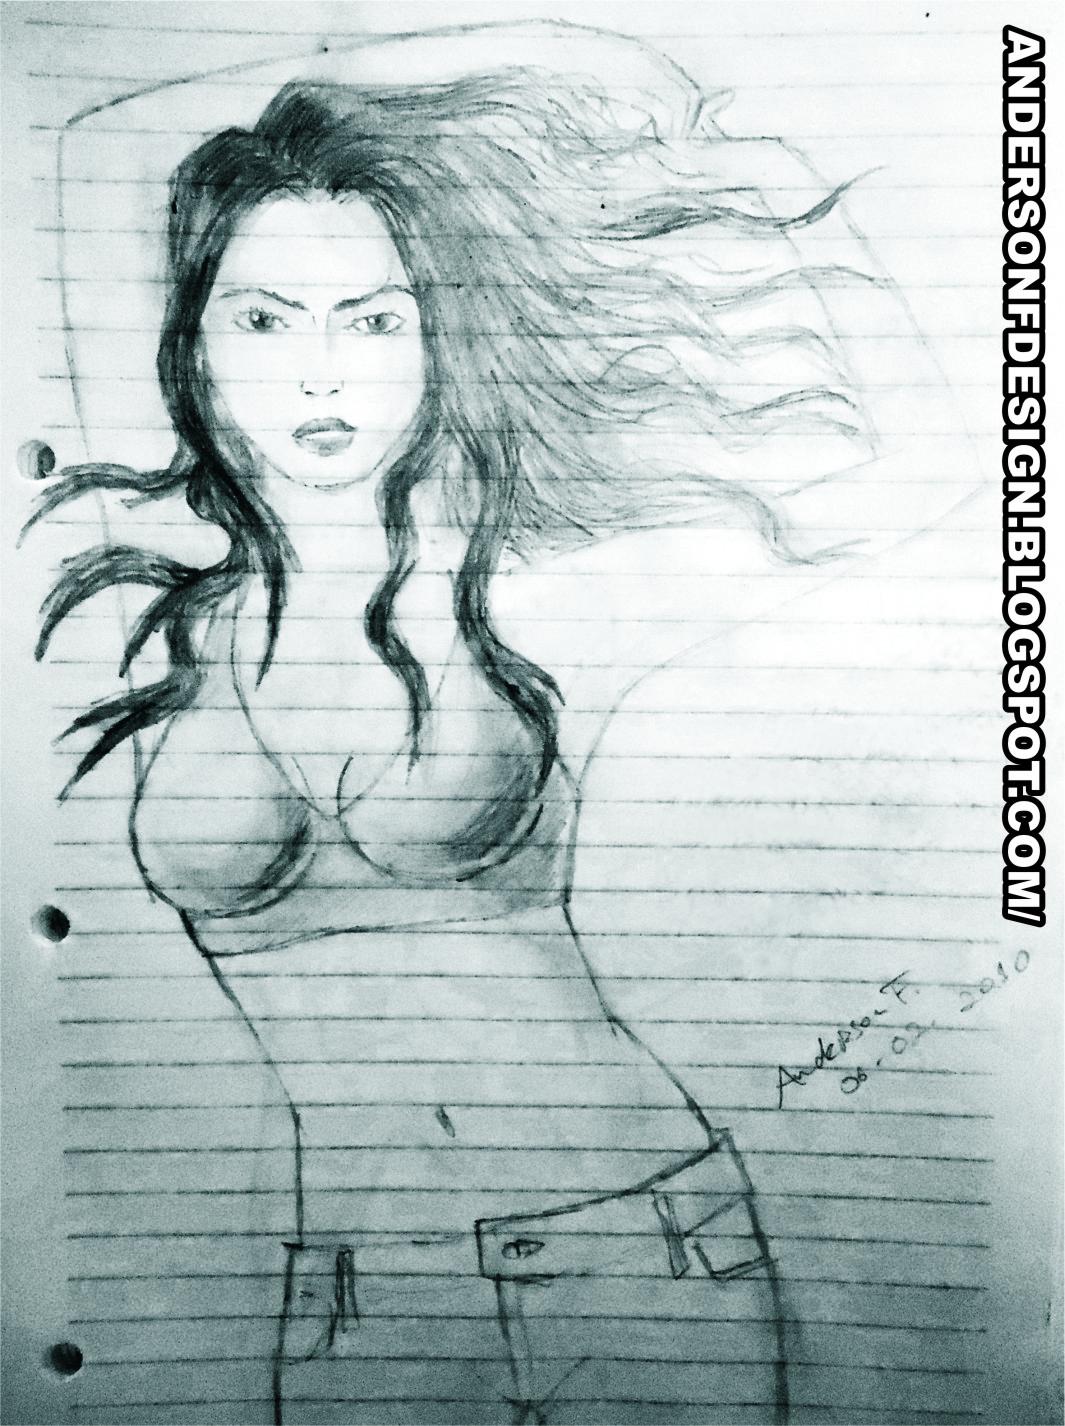 Arte grafite desenhado manualmente usando lápis 6b